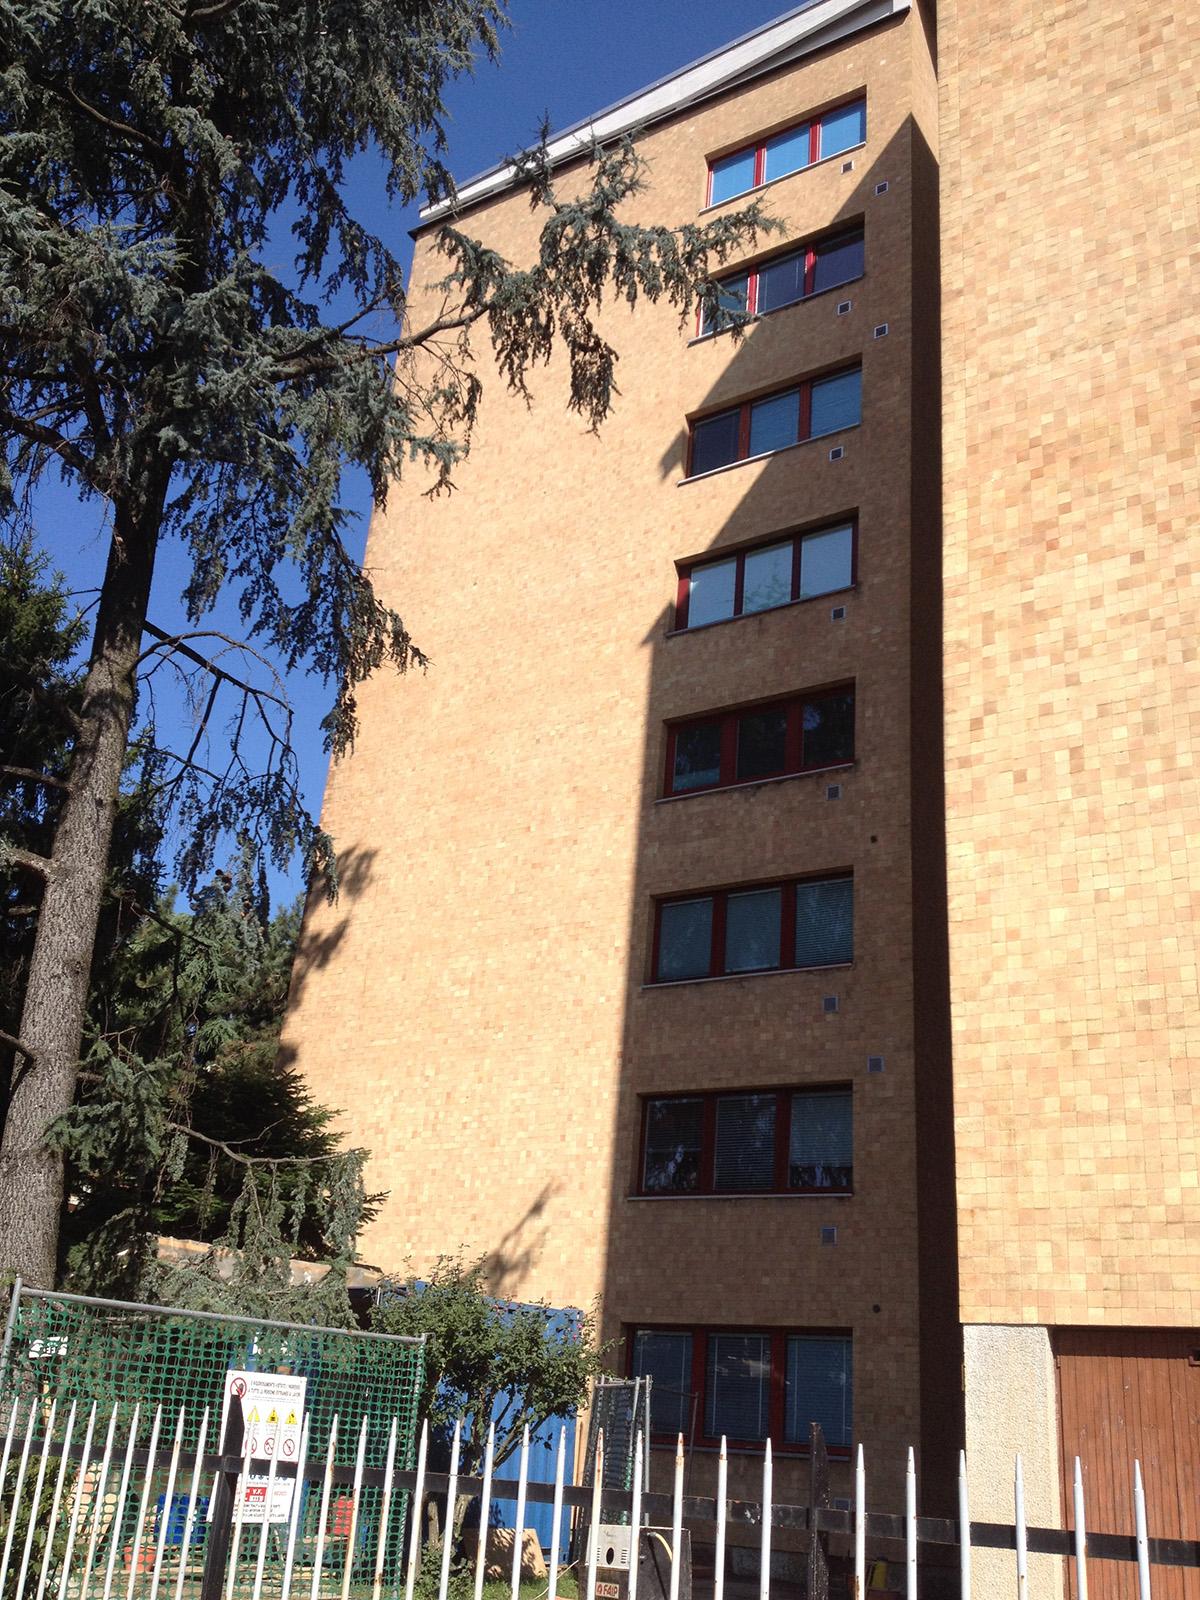 Perico-Renato-Bergamo - Condominio Edildalmine - Risanamento facciate 4